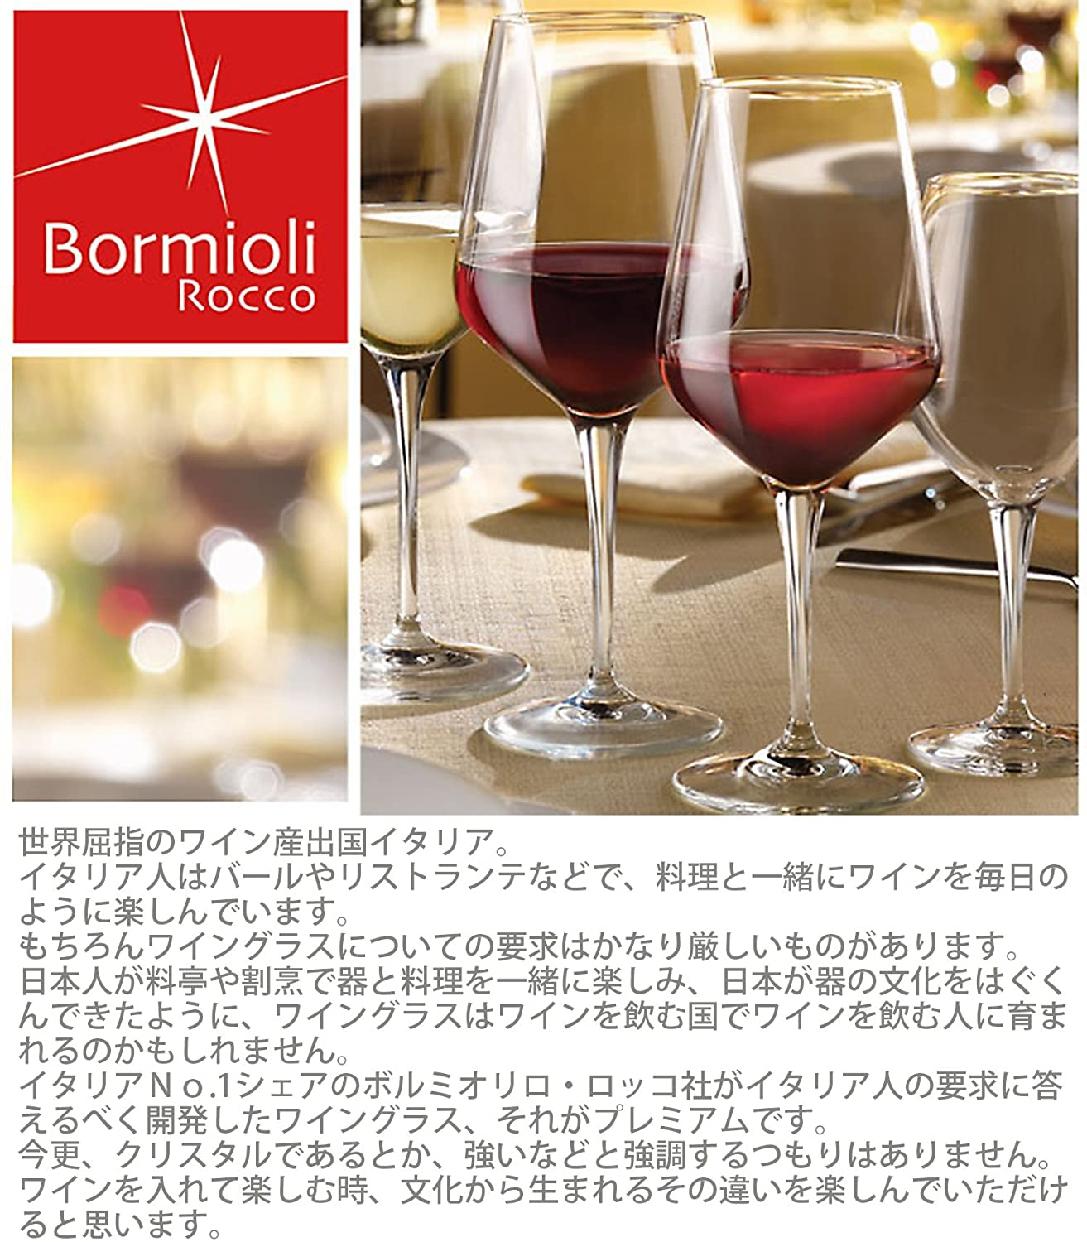 Bormioli Rocco(ボルミオリ・ロッコ) プレミアム No14 クリアの商品画像2